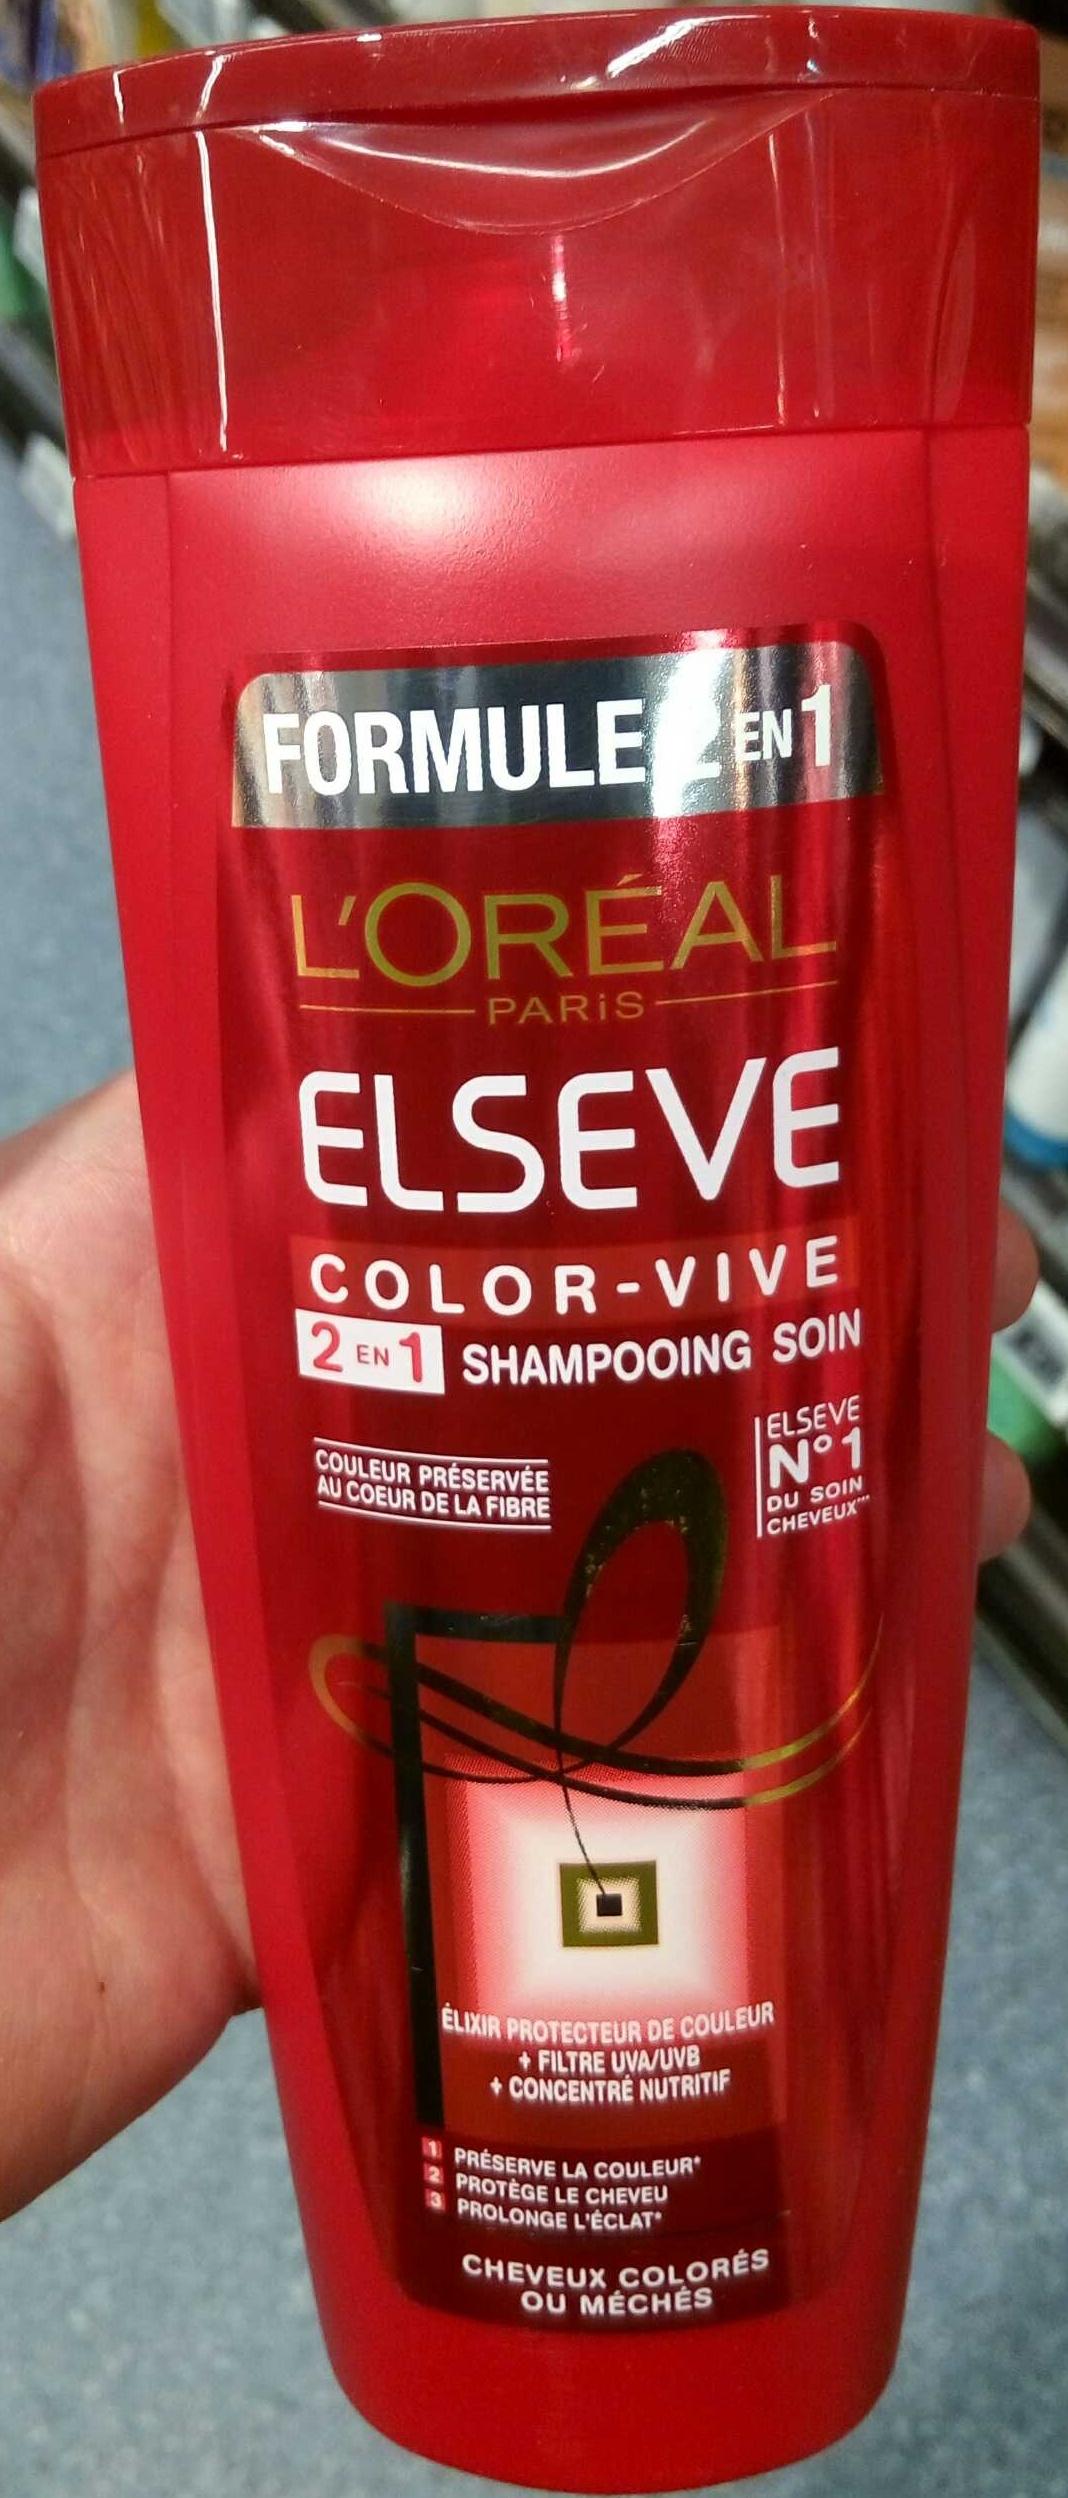 Formule 2 en 1 Elseve Color-Vive Shampooing soin - Product - fr